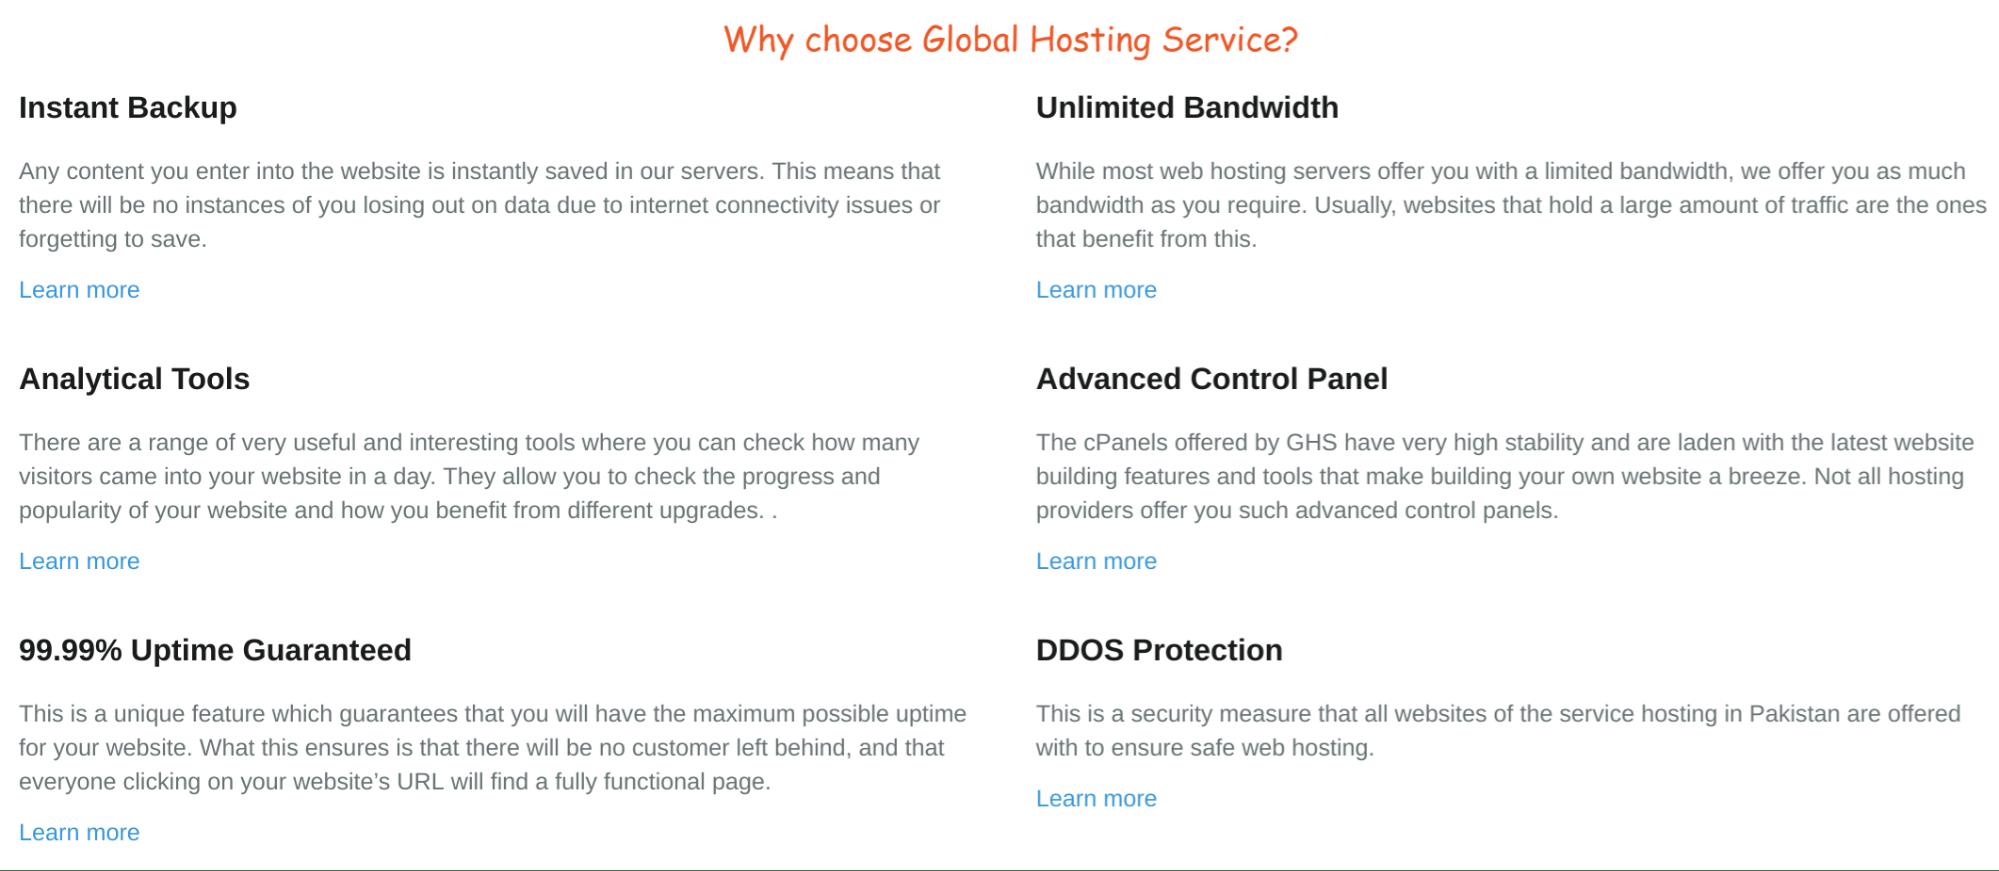 Global Hosting Service